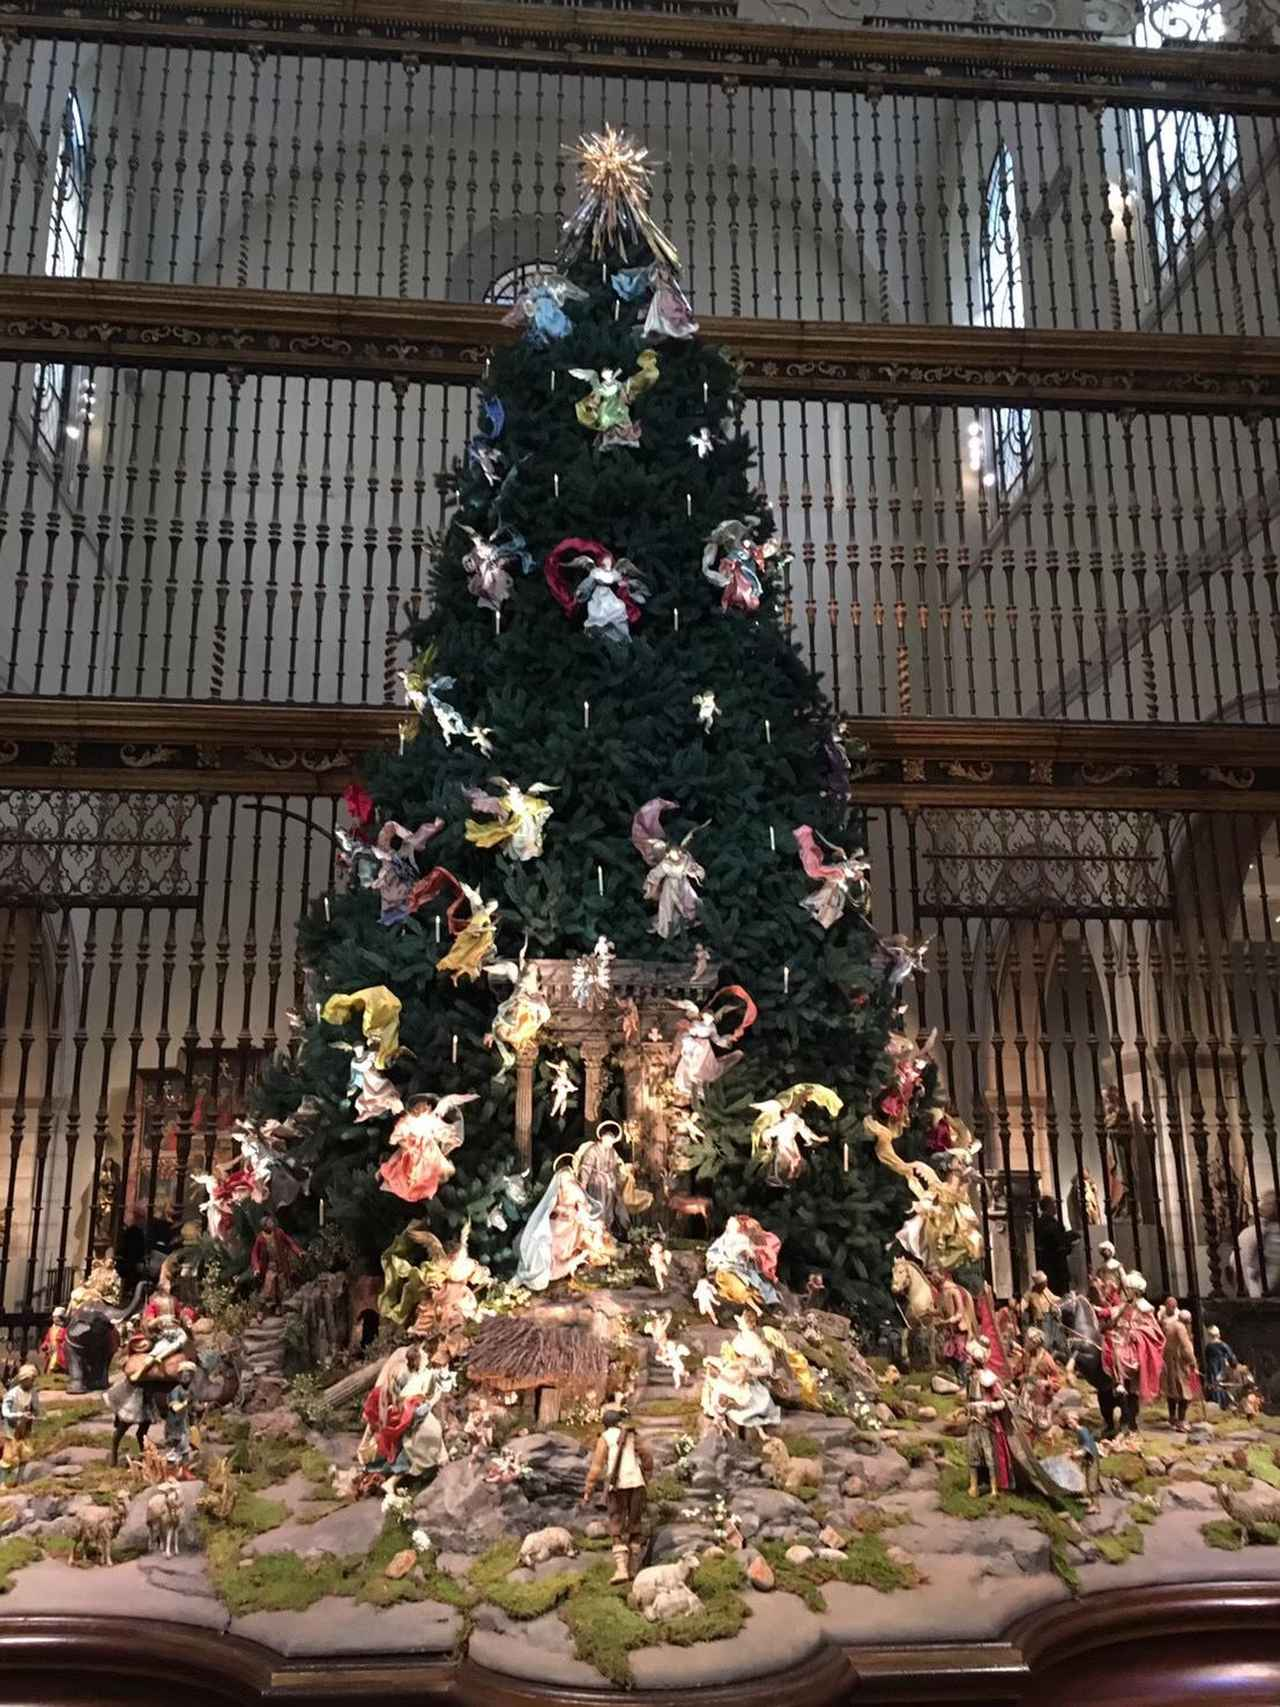 画像: (メトロポリタン美術館クリスマスツリー/弊社社員撮影)